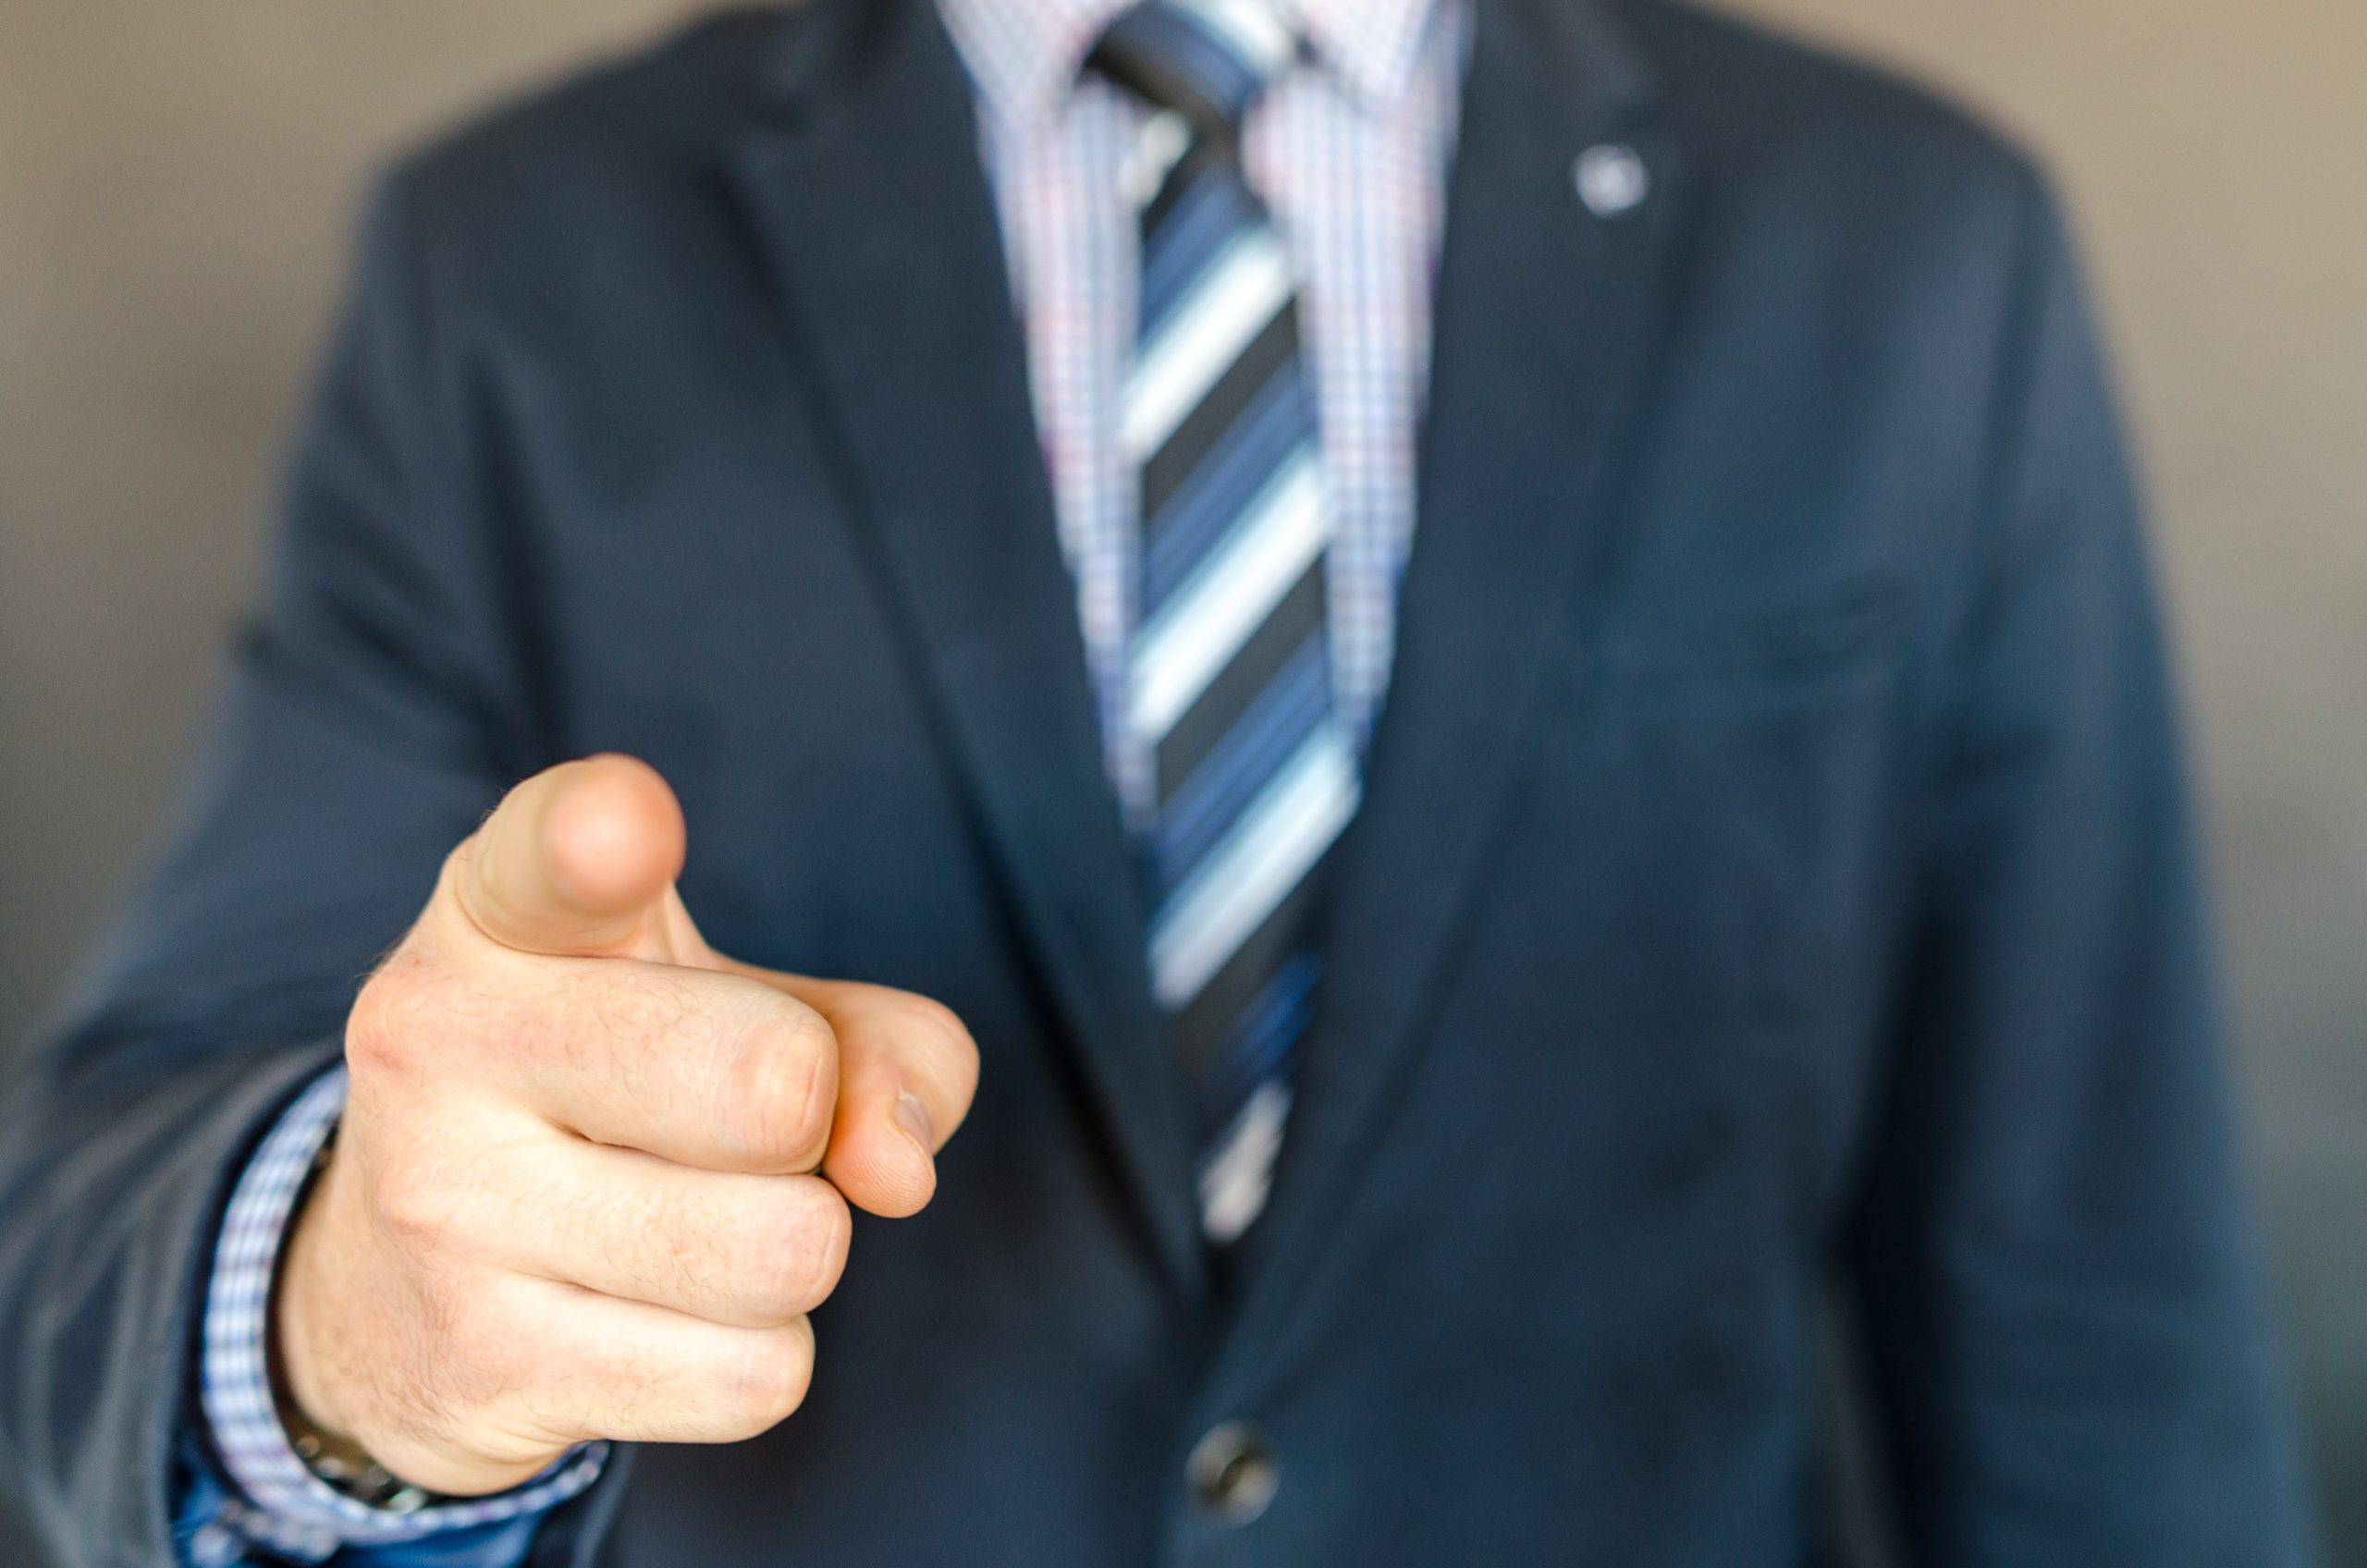 失敗しない転職のために転職前にやっておく1つの事